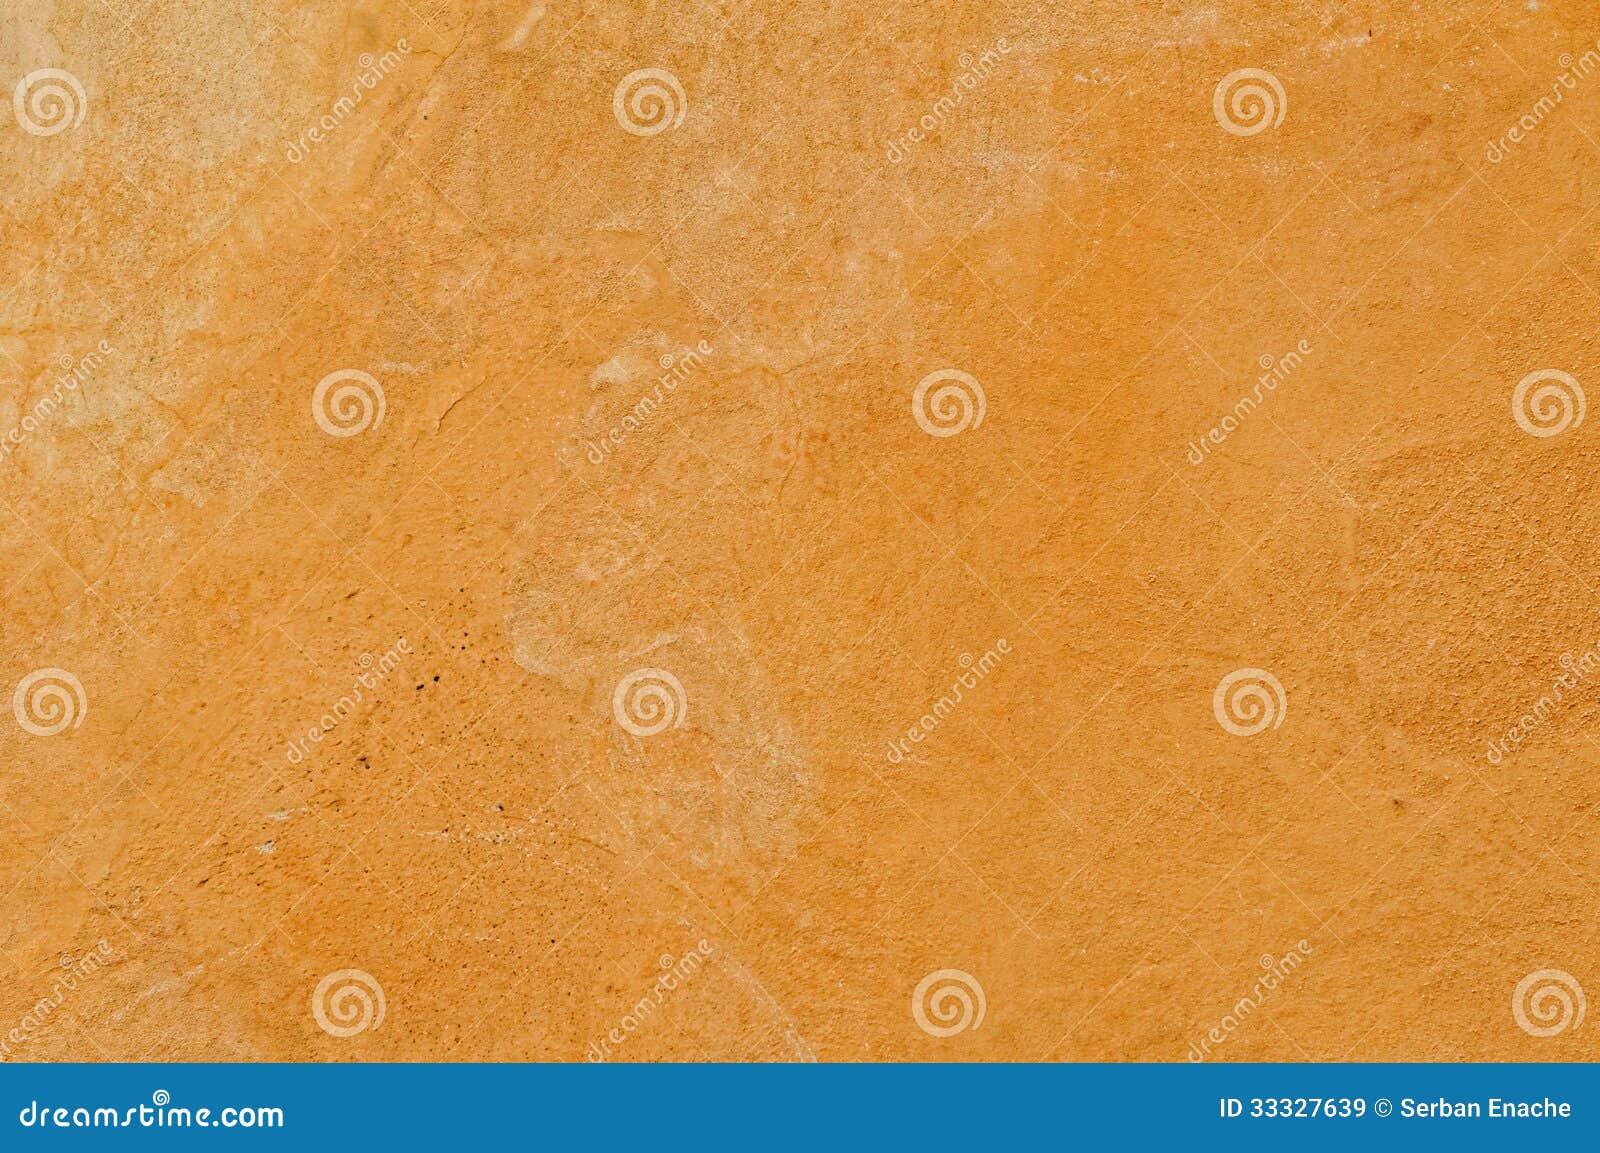 Okertint Toscaanse textuur